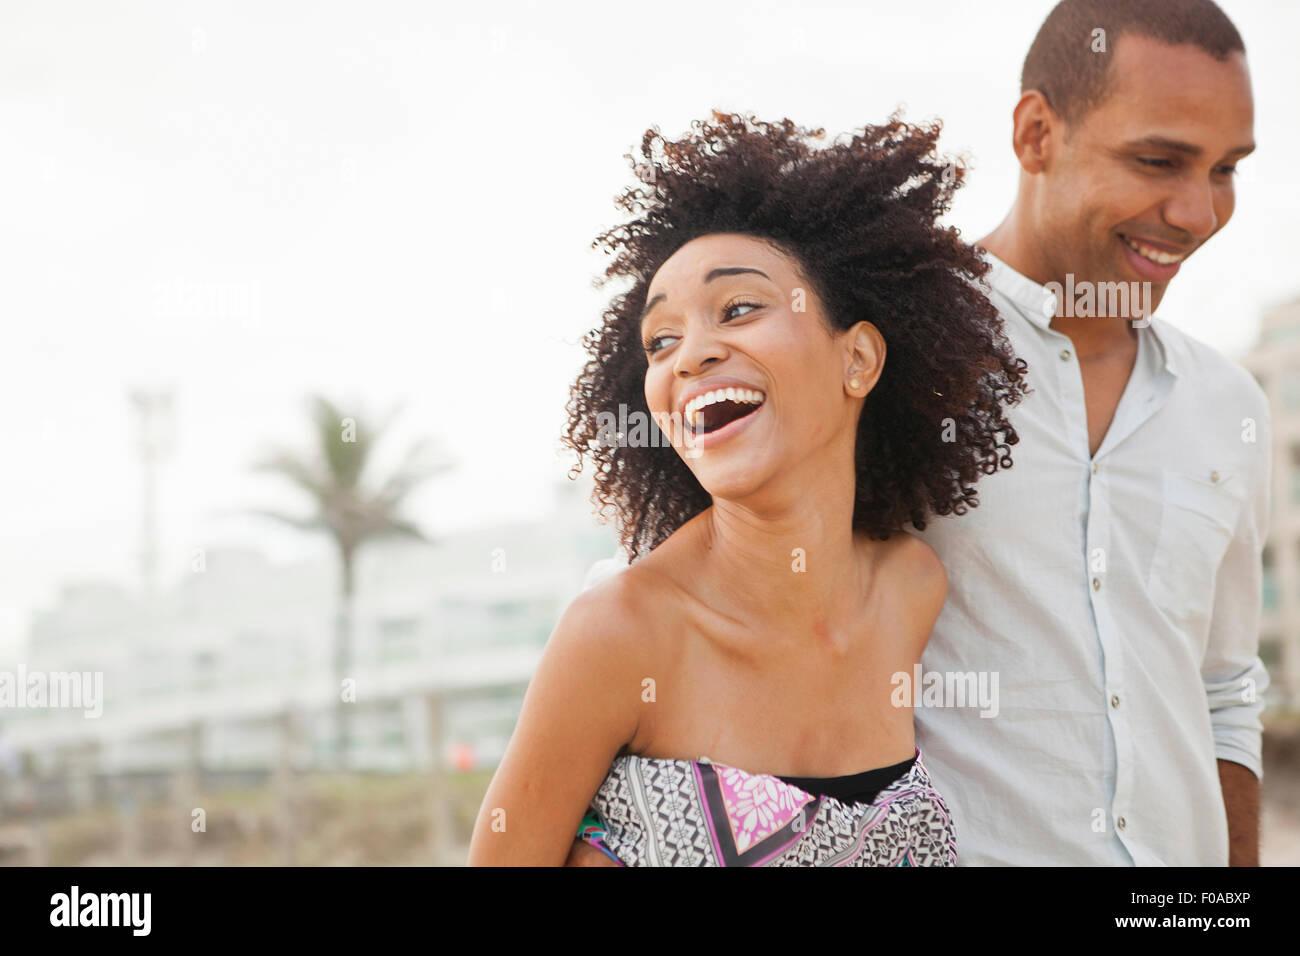 Junge Frau lachend mit Freund beim Spaziergang am Strand, Rio De Janeiro, Brasilien Stockbild